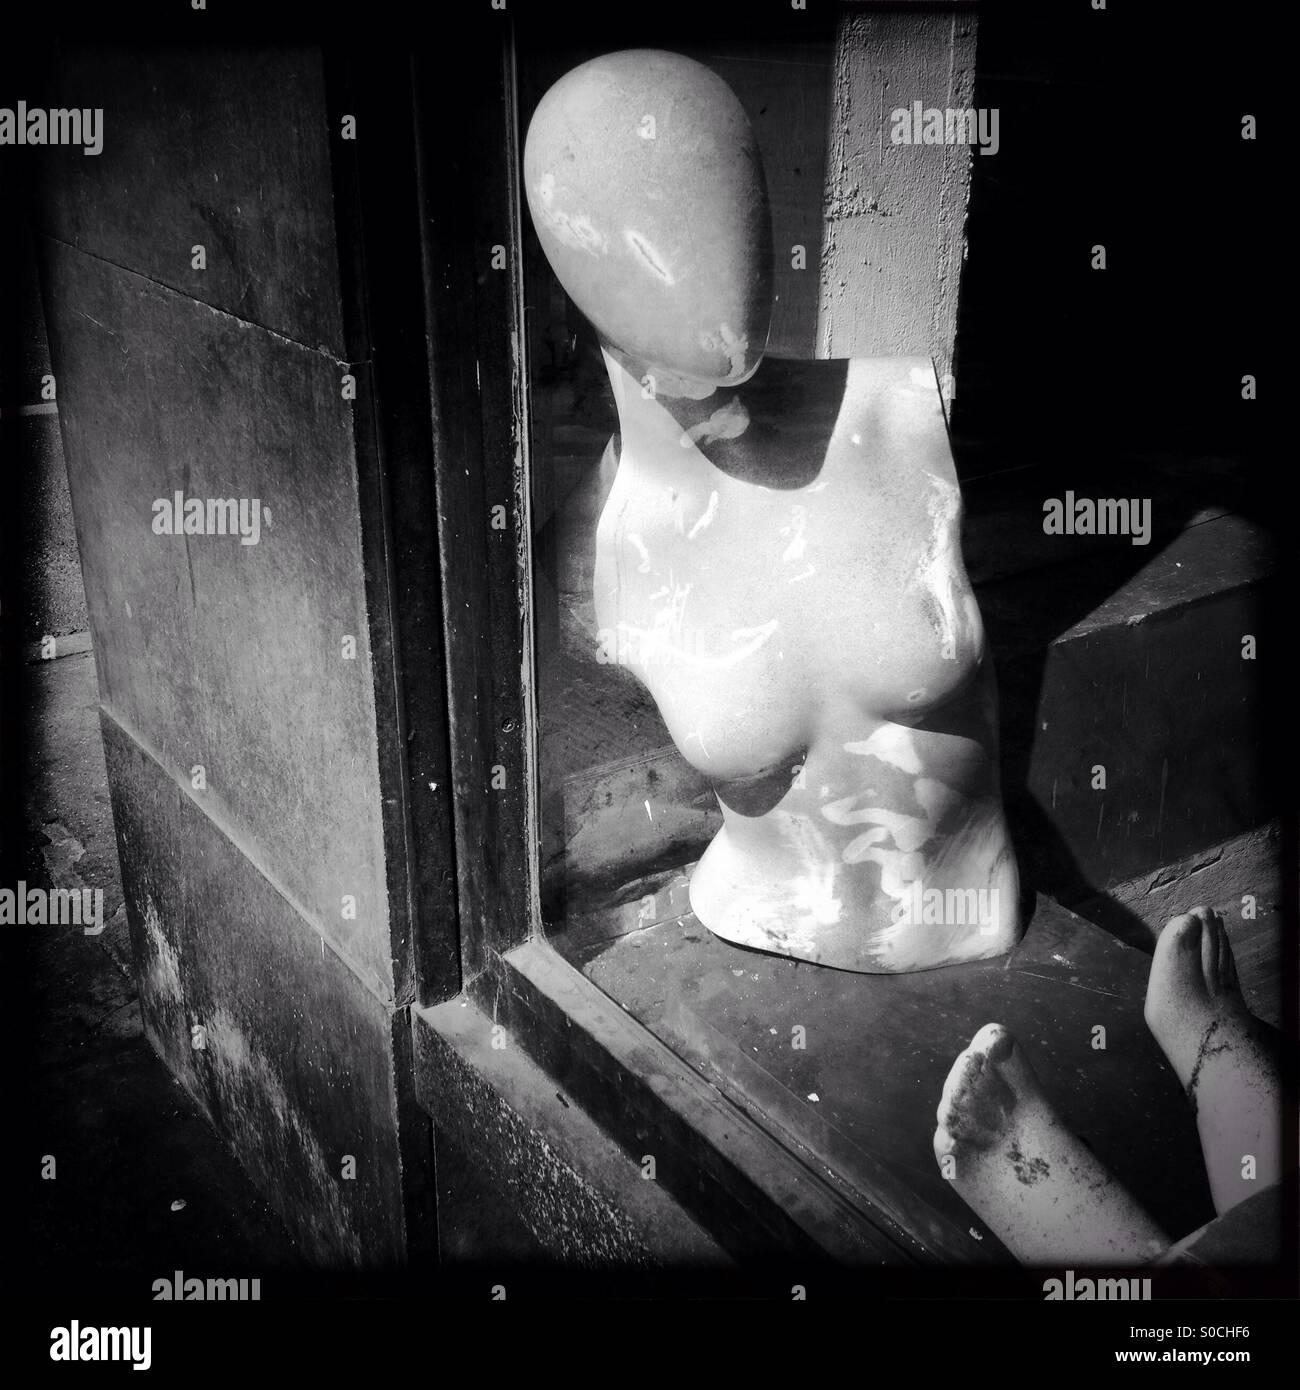 Manichino manichini lay figura figure decadenza decadimento abbandonare la finestra del negozio donna figura torso Foto Stock